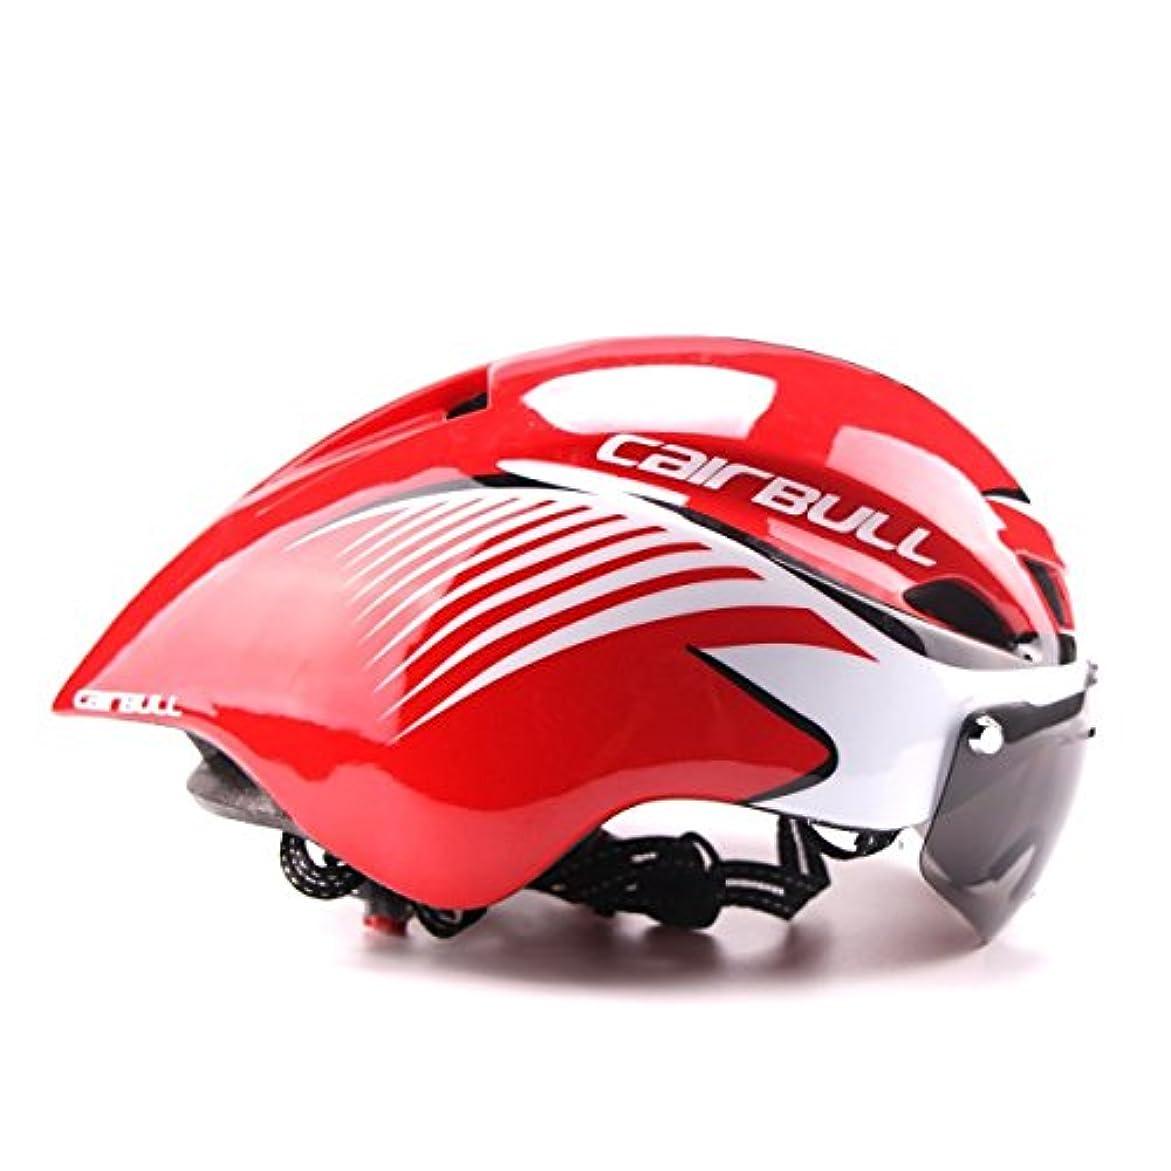 ライオン中断付添人CAIRBULL 自転車 サングラス ヘルメット サイクルヘルメット ゴーグル超軽量 自転車 ヘルメット アダルト自転車ヘルメット 取り外し可能なシールドサンバイザー付 男女兼用 5色 56cm-61cm